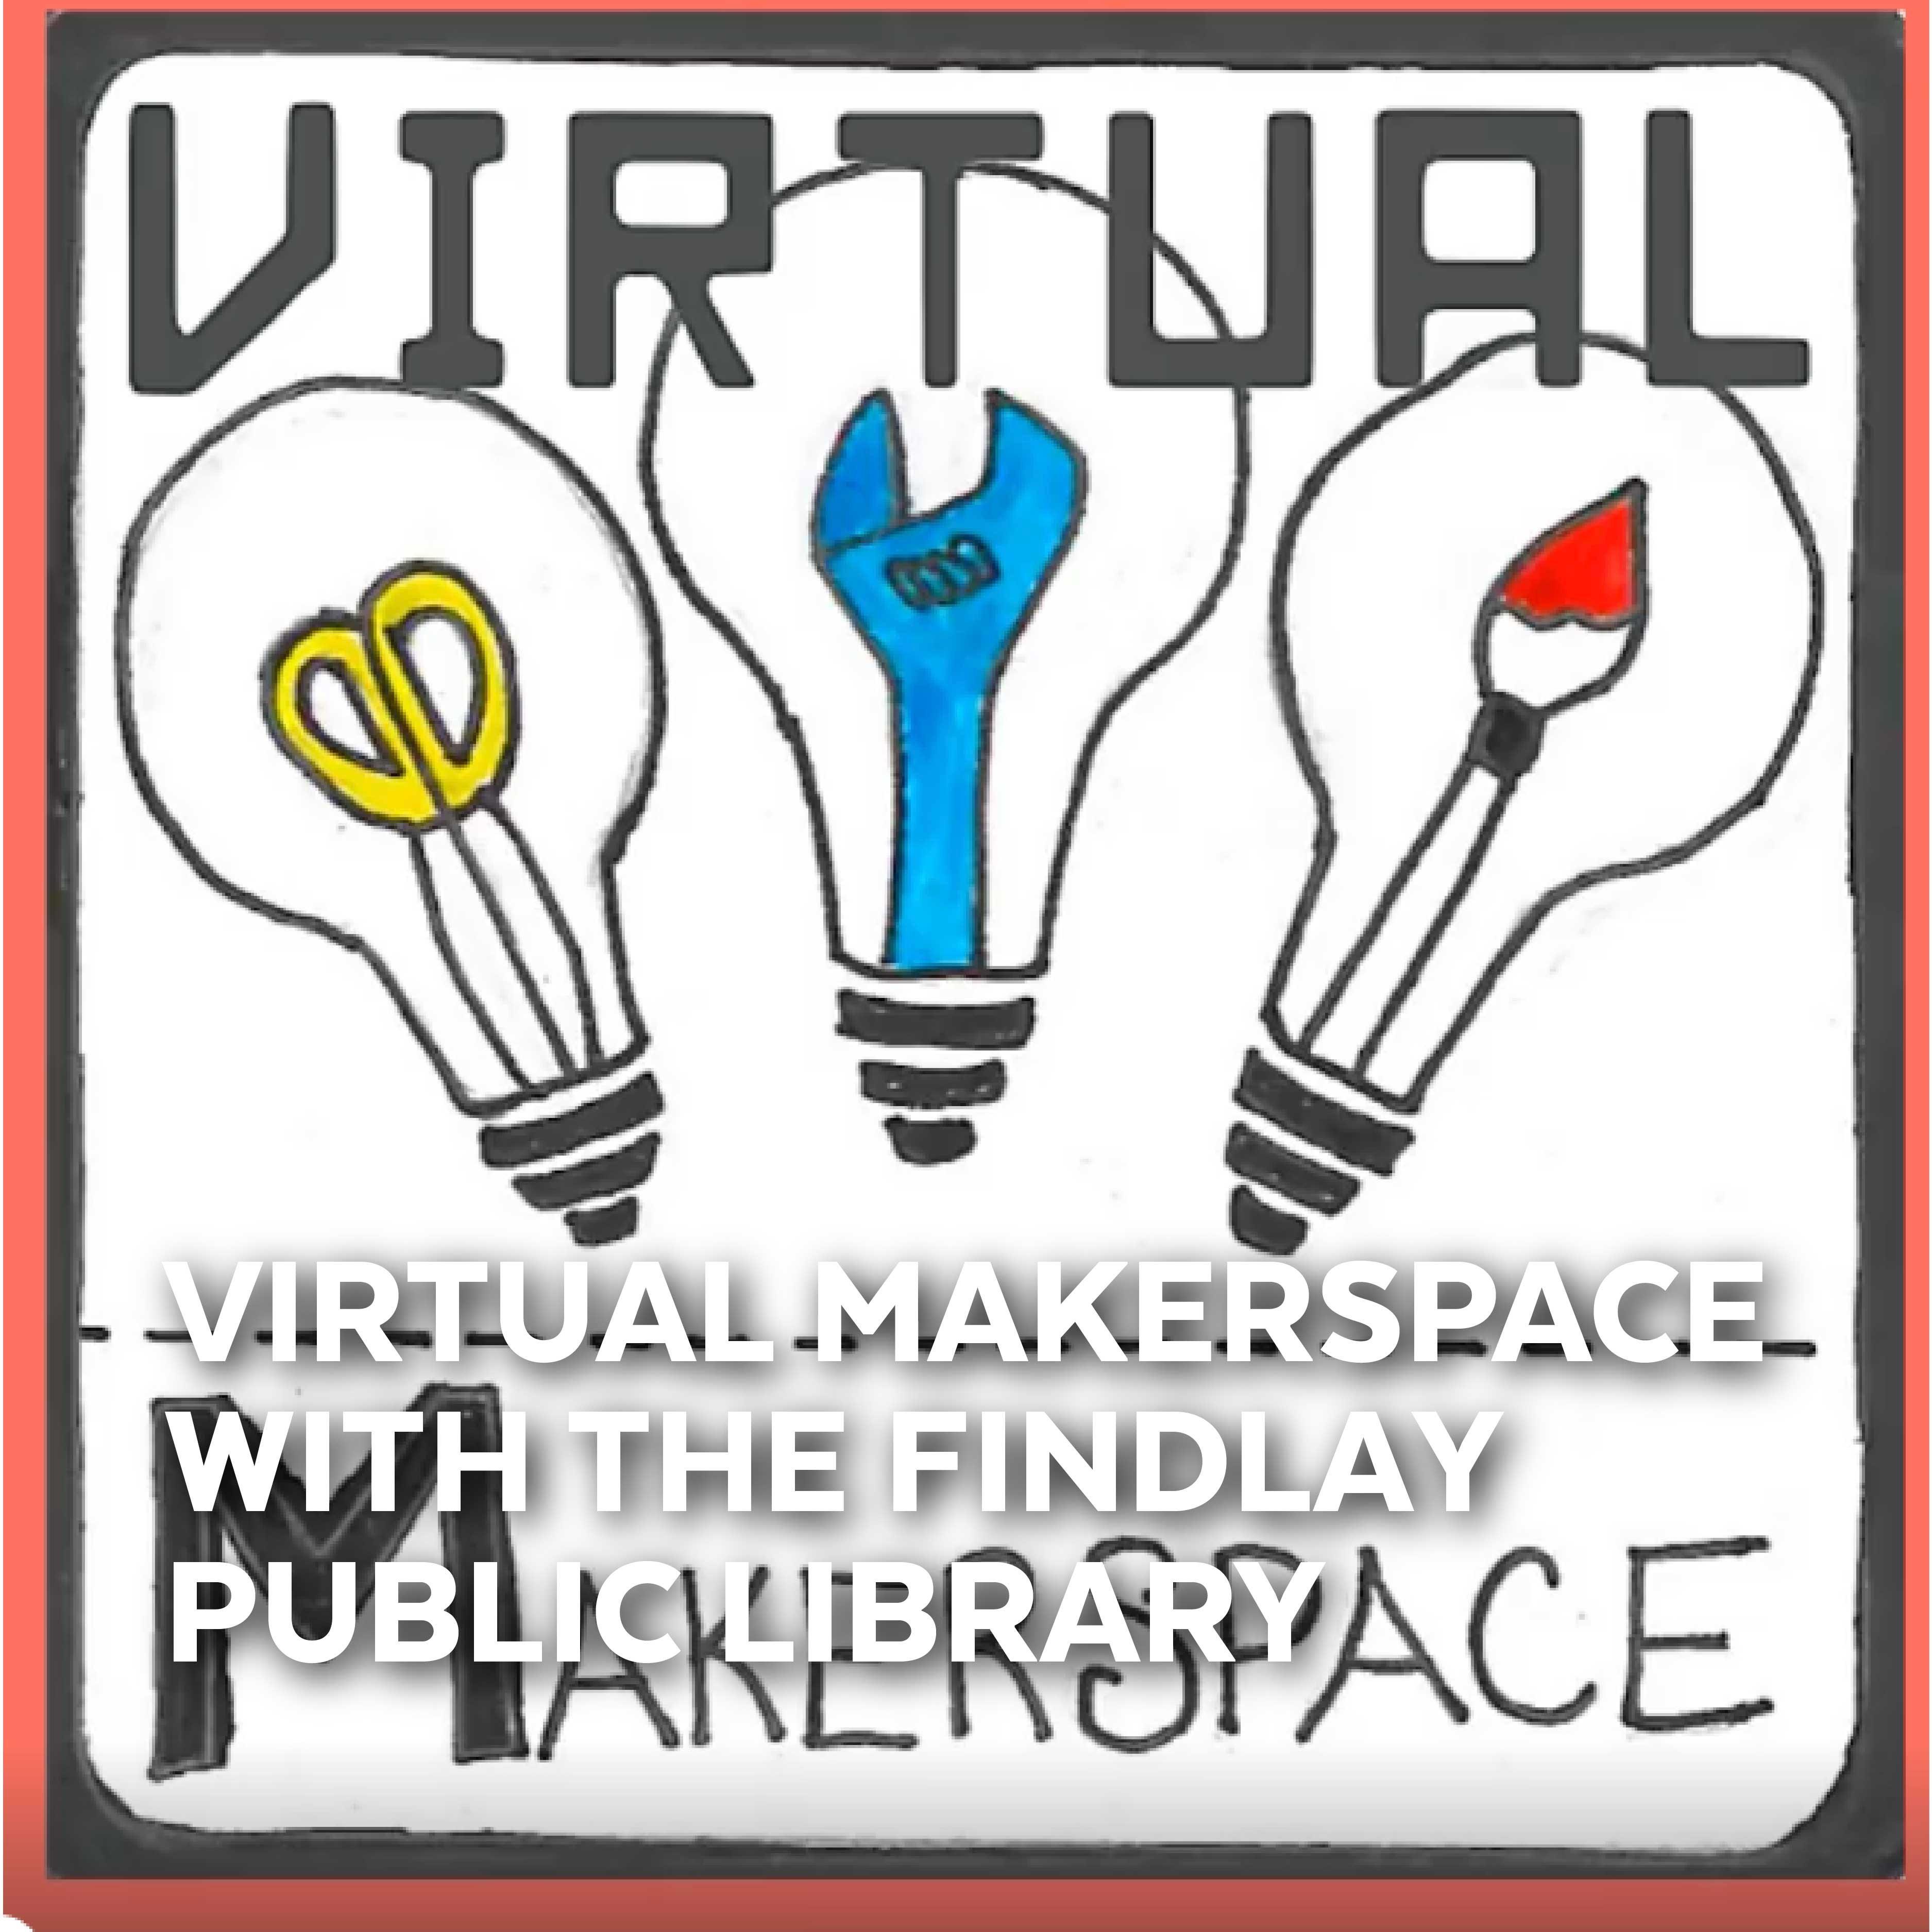 Makerspace-01.jpg